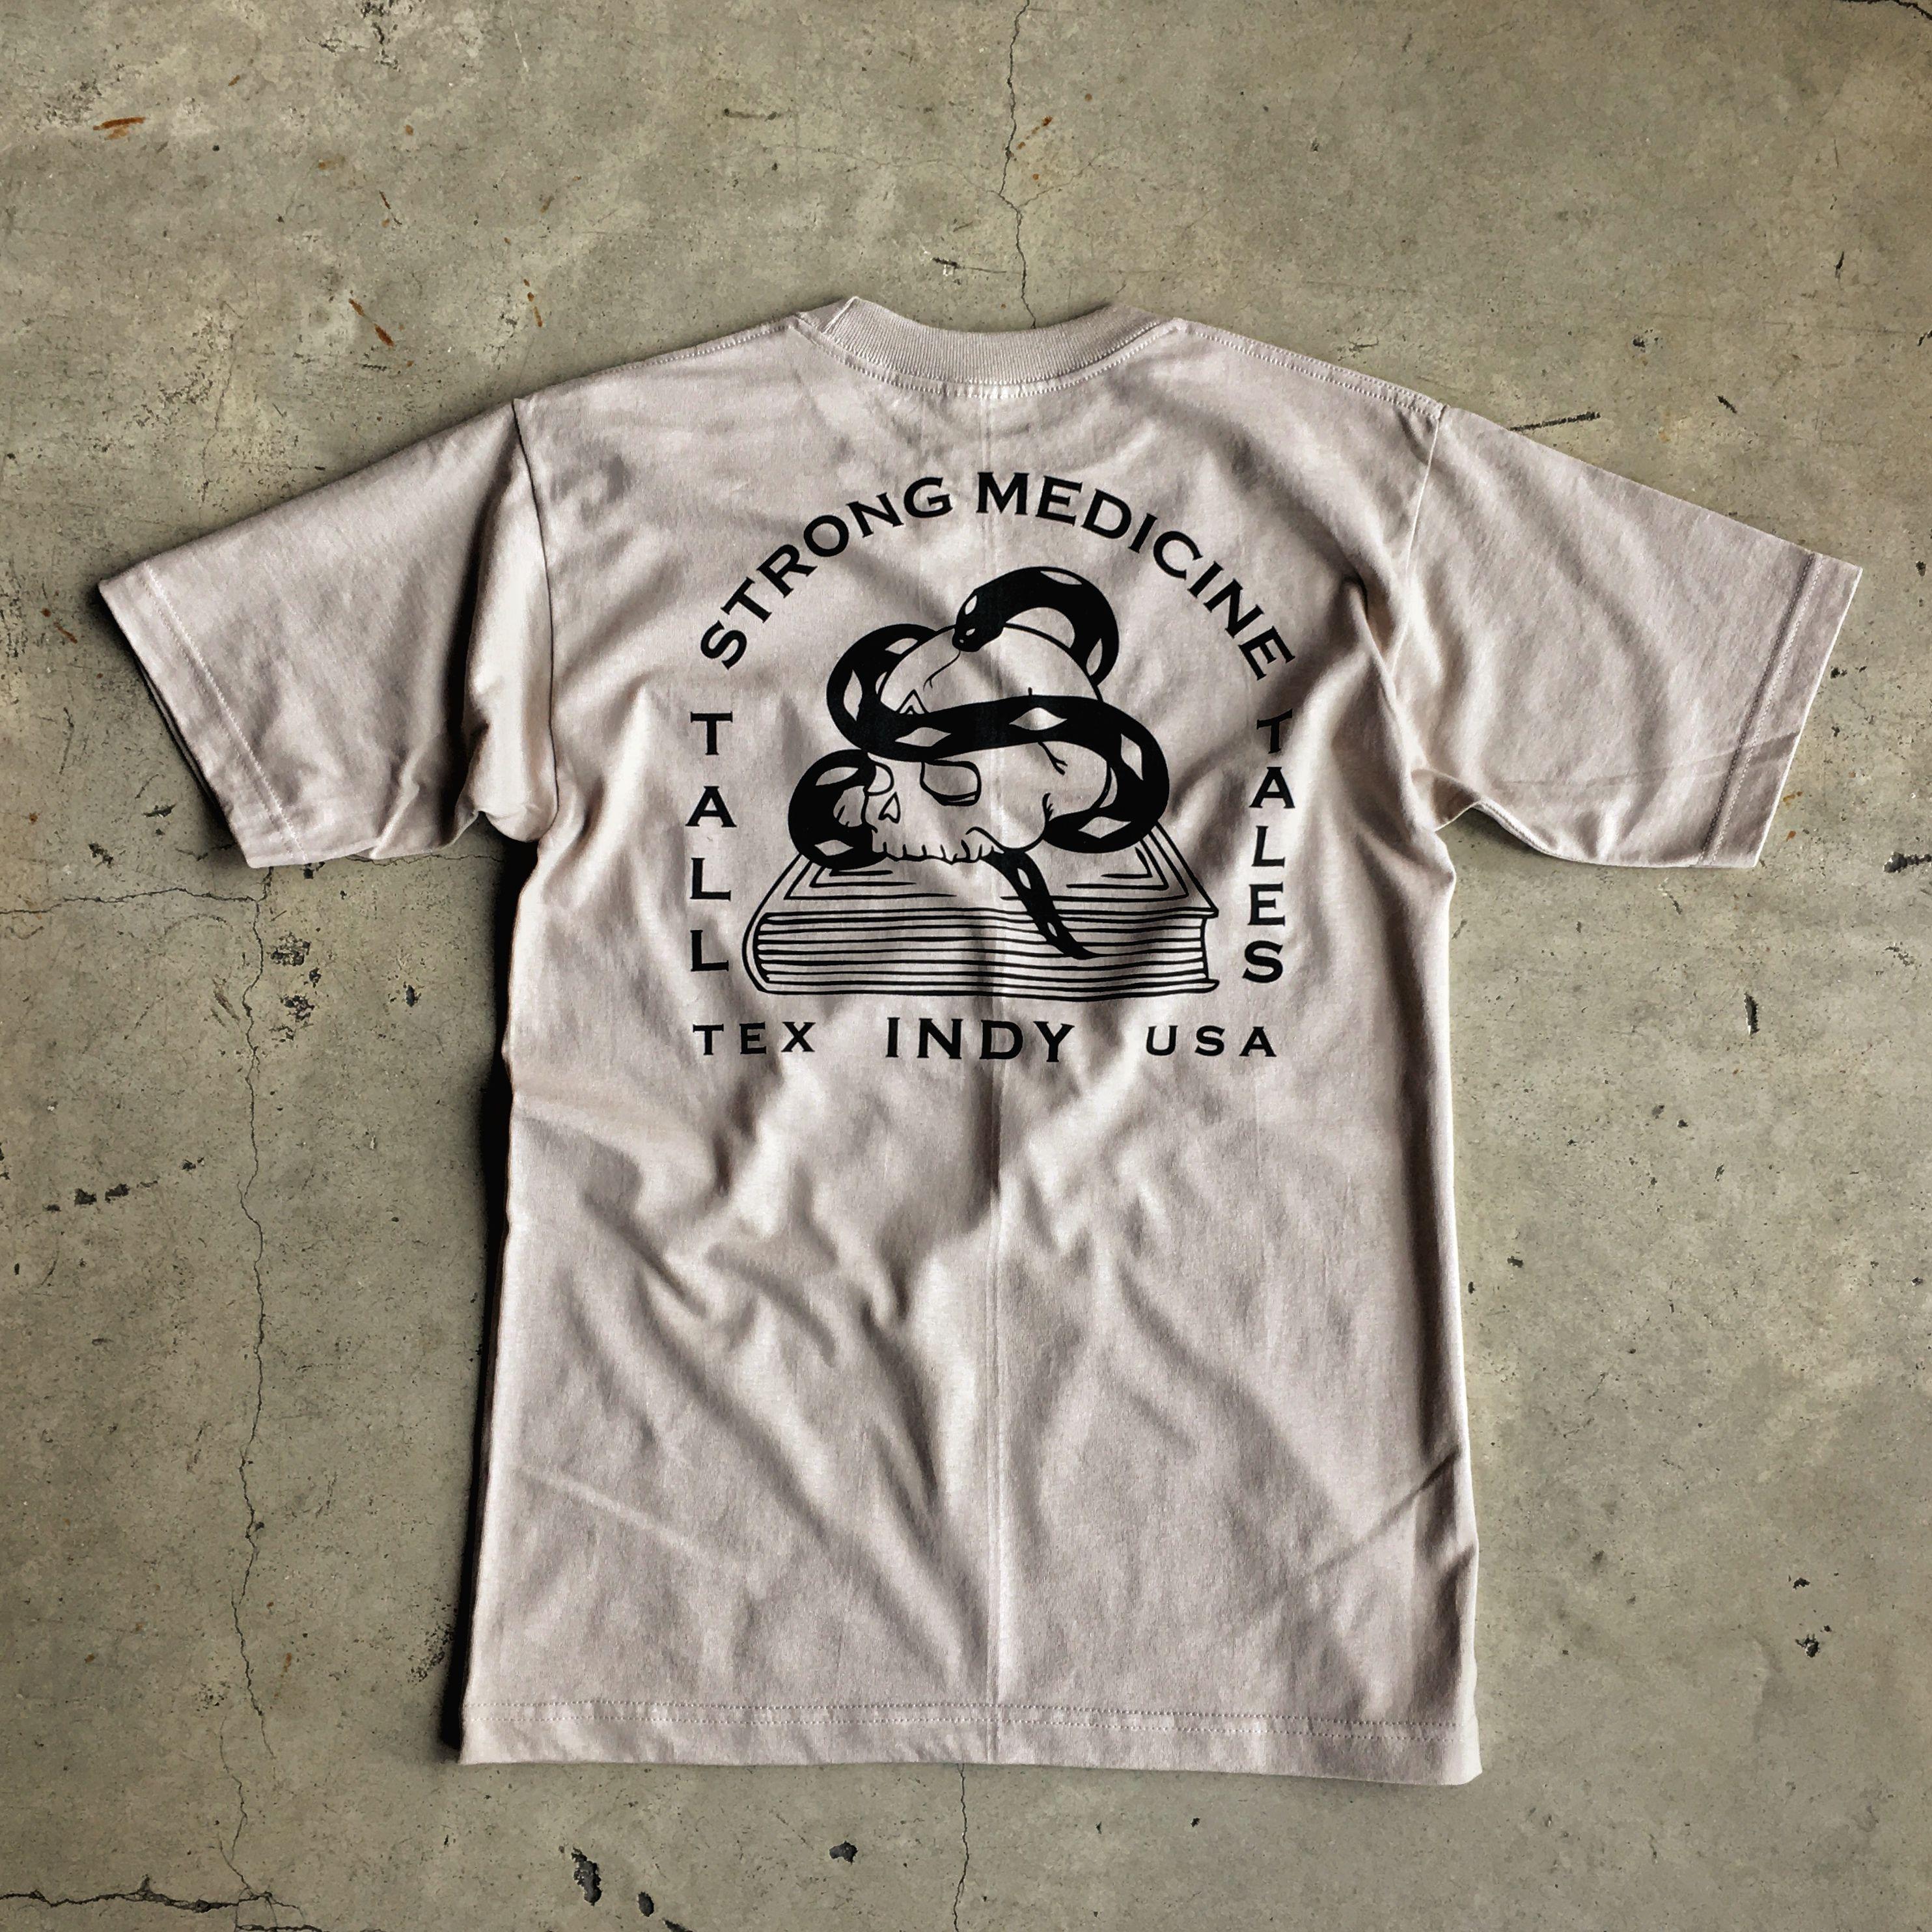 Strong Medicine T-Shirt